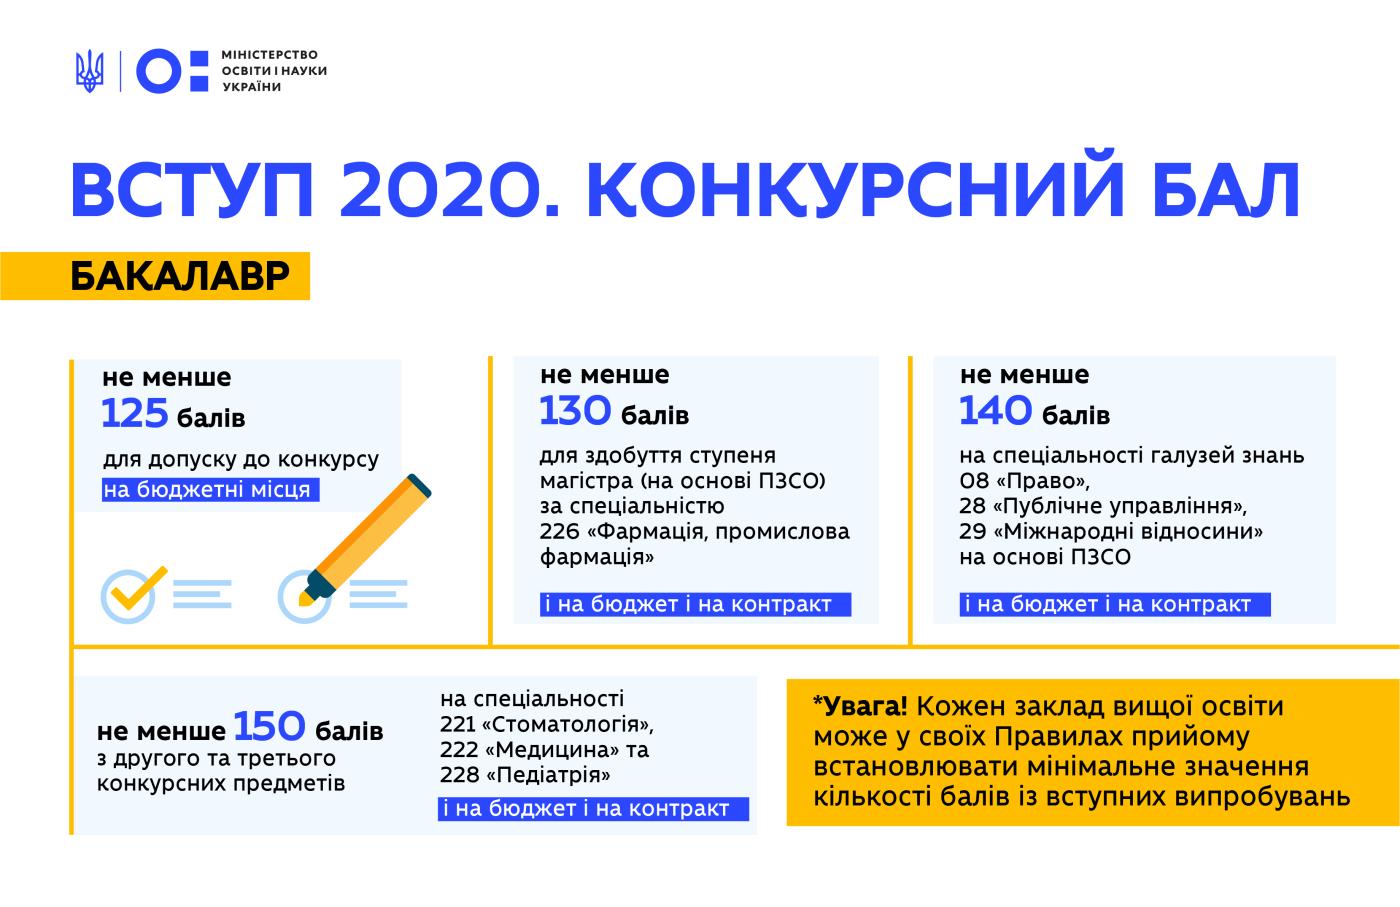 Вступительная кампания: Известны даты подачи документов в вузы, фото-1